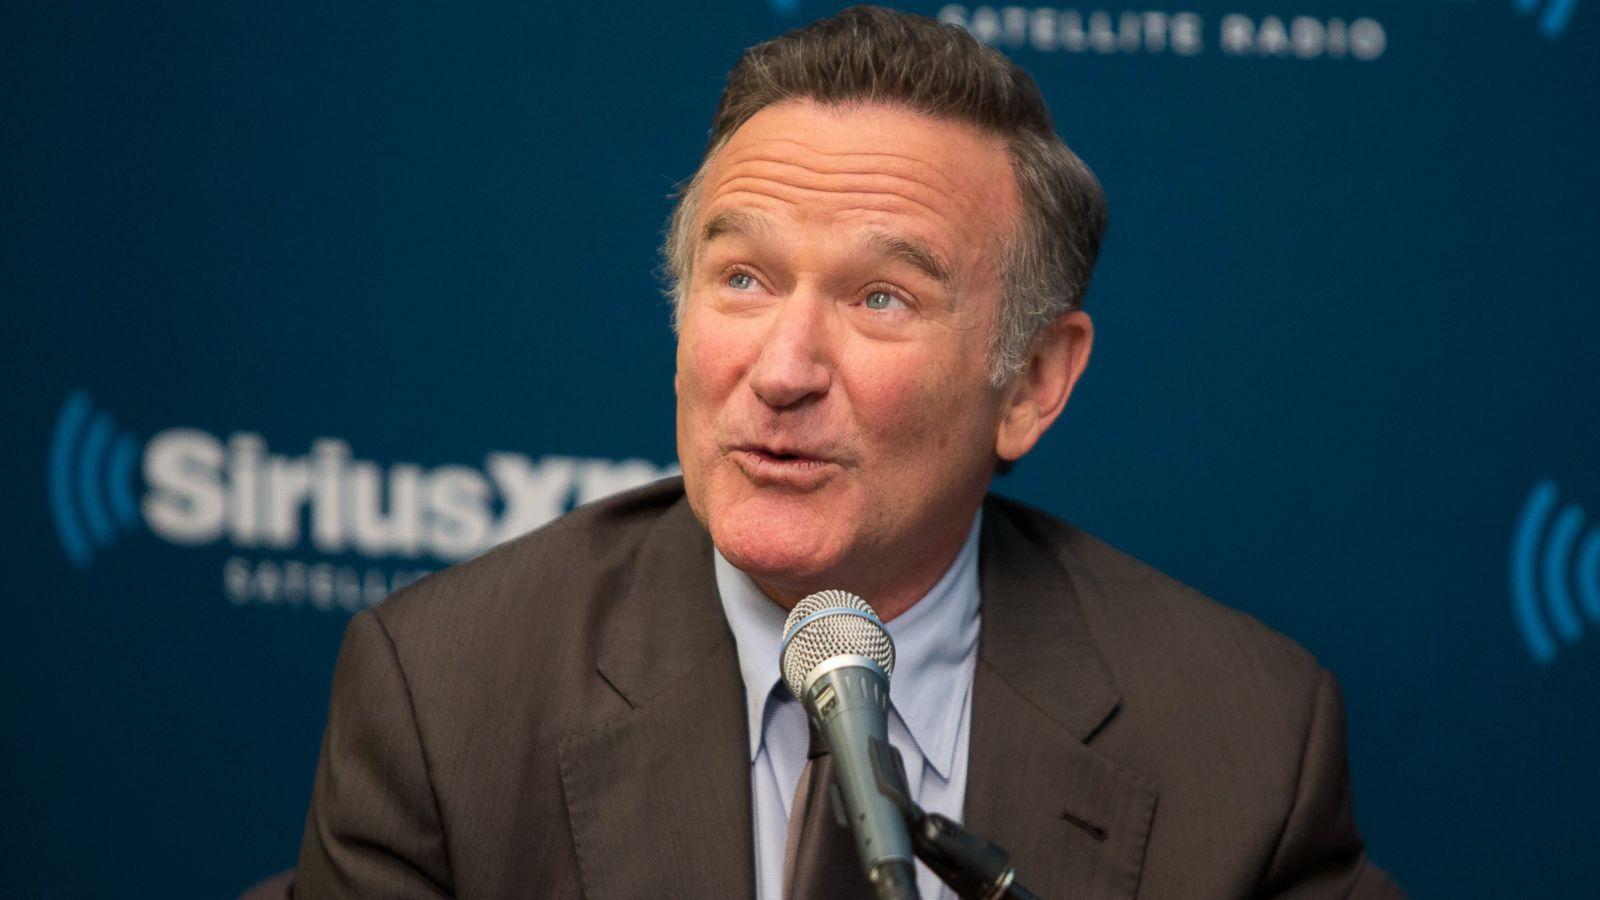 Robin Williams' Fans Express Heartbreak on Social Media